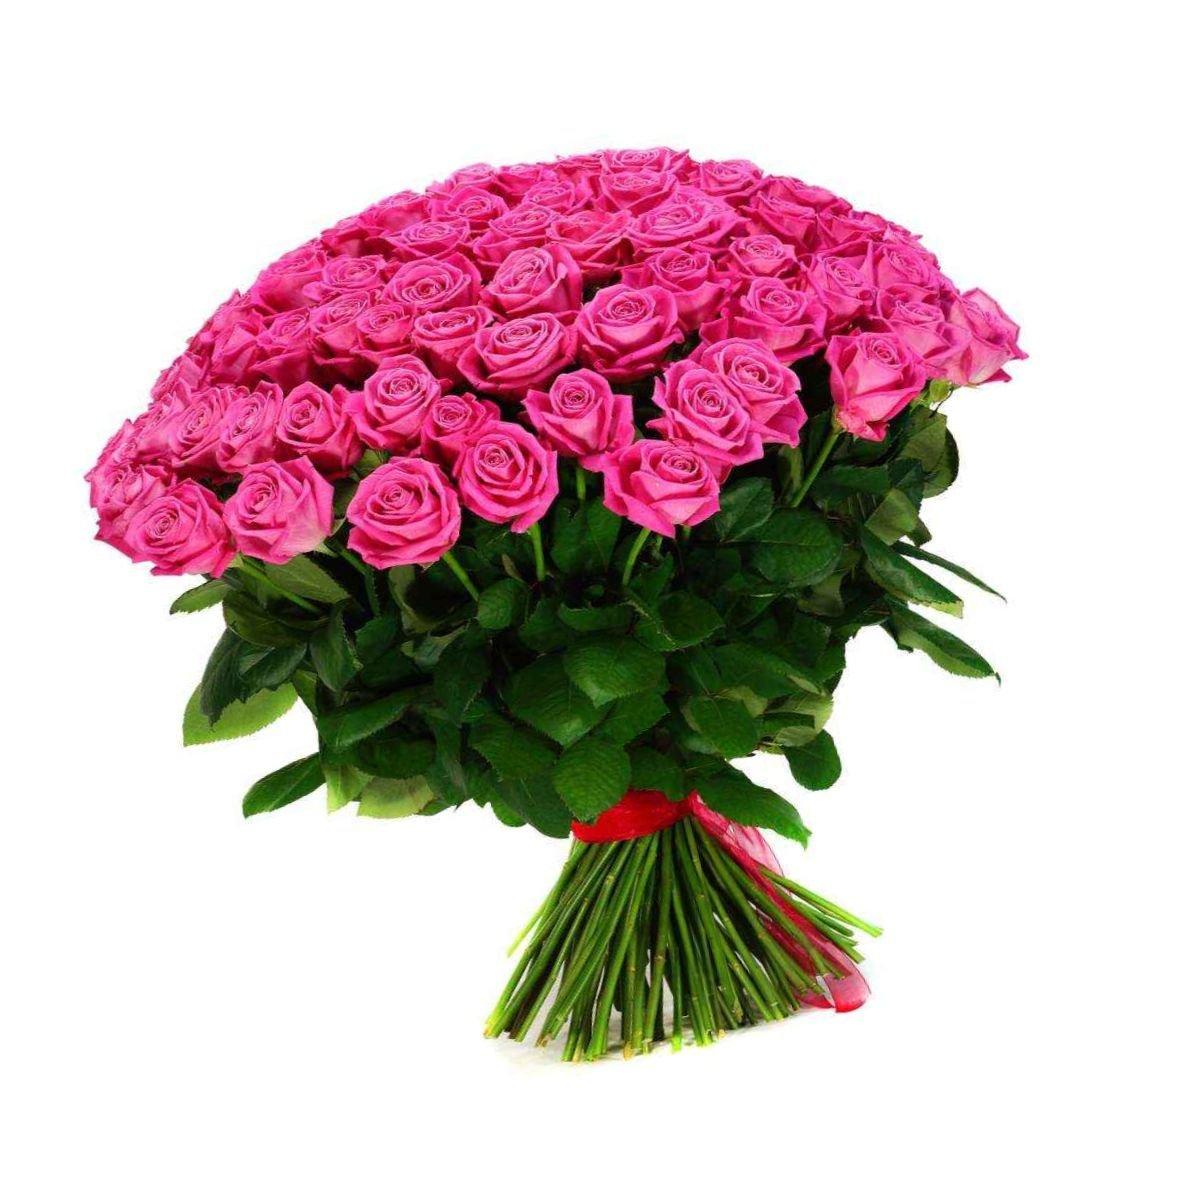 Доставка живых цветов на дом в сочи, купить красивый